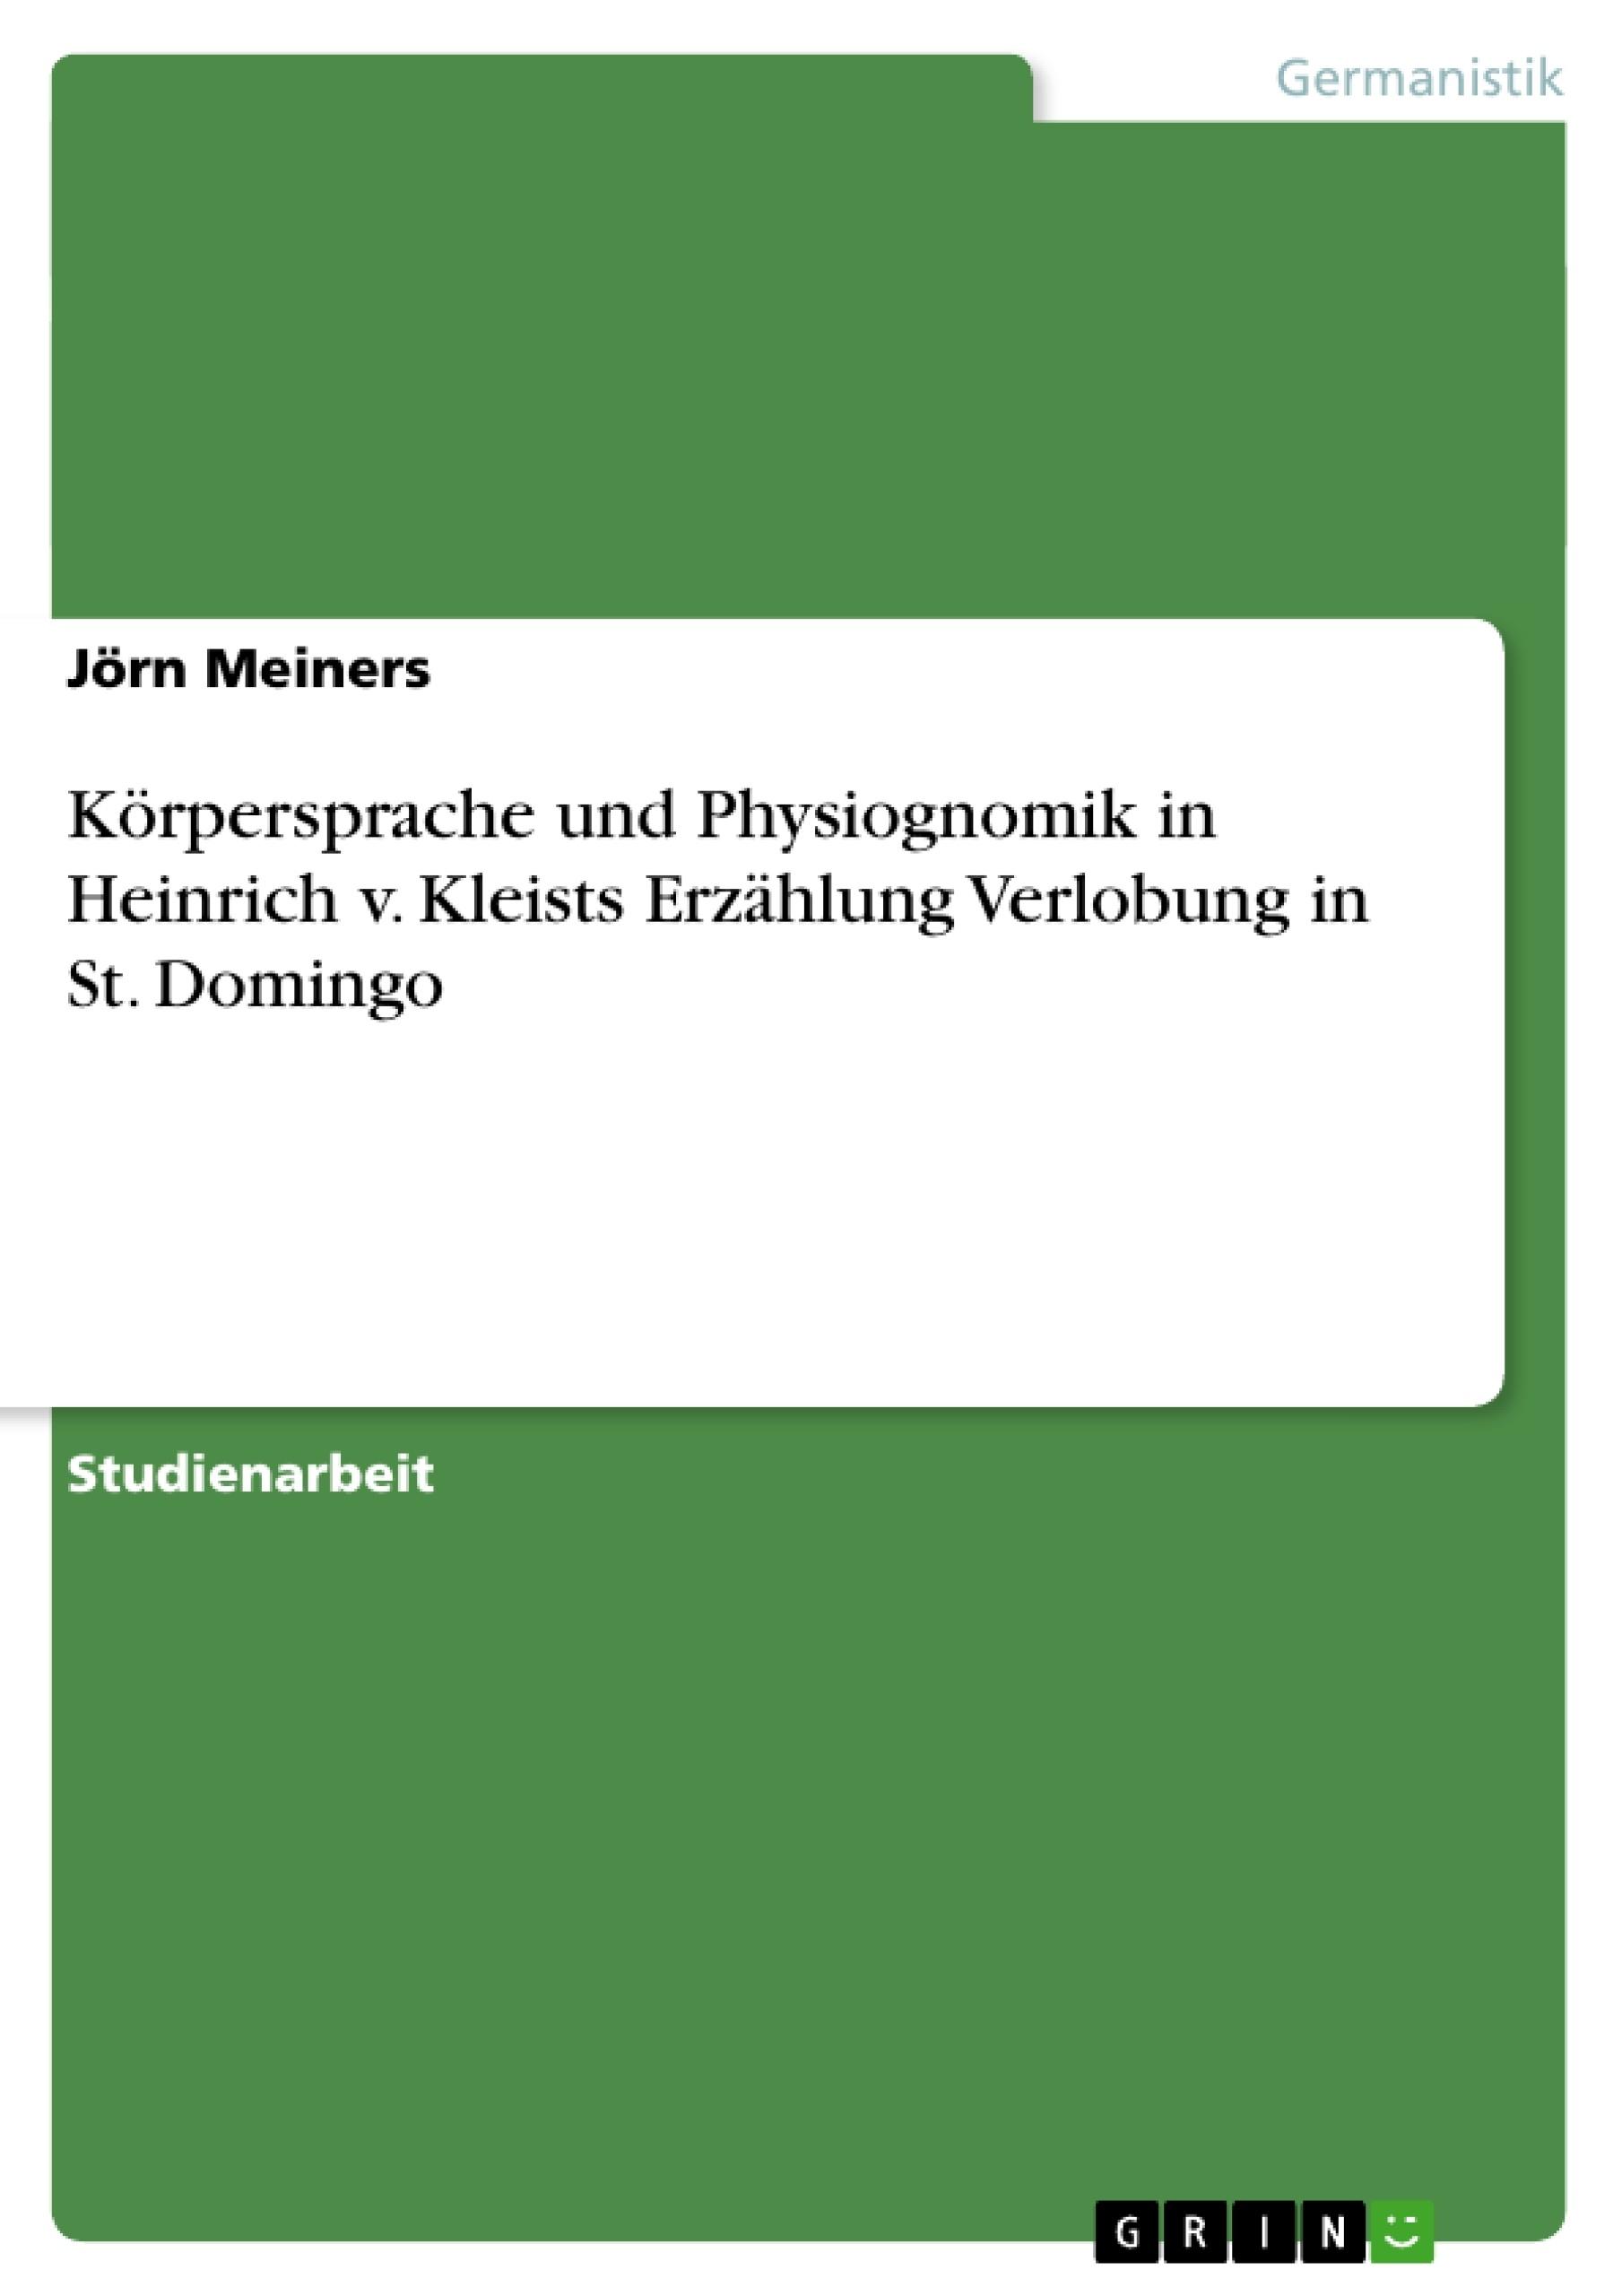 Titel: Körpersprache und Physiognomik in Heinrich v. Kleists Erzählung  Verlobung in St. Domingo